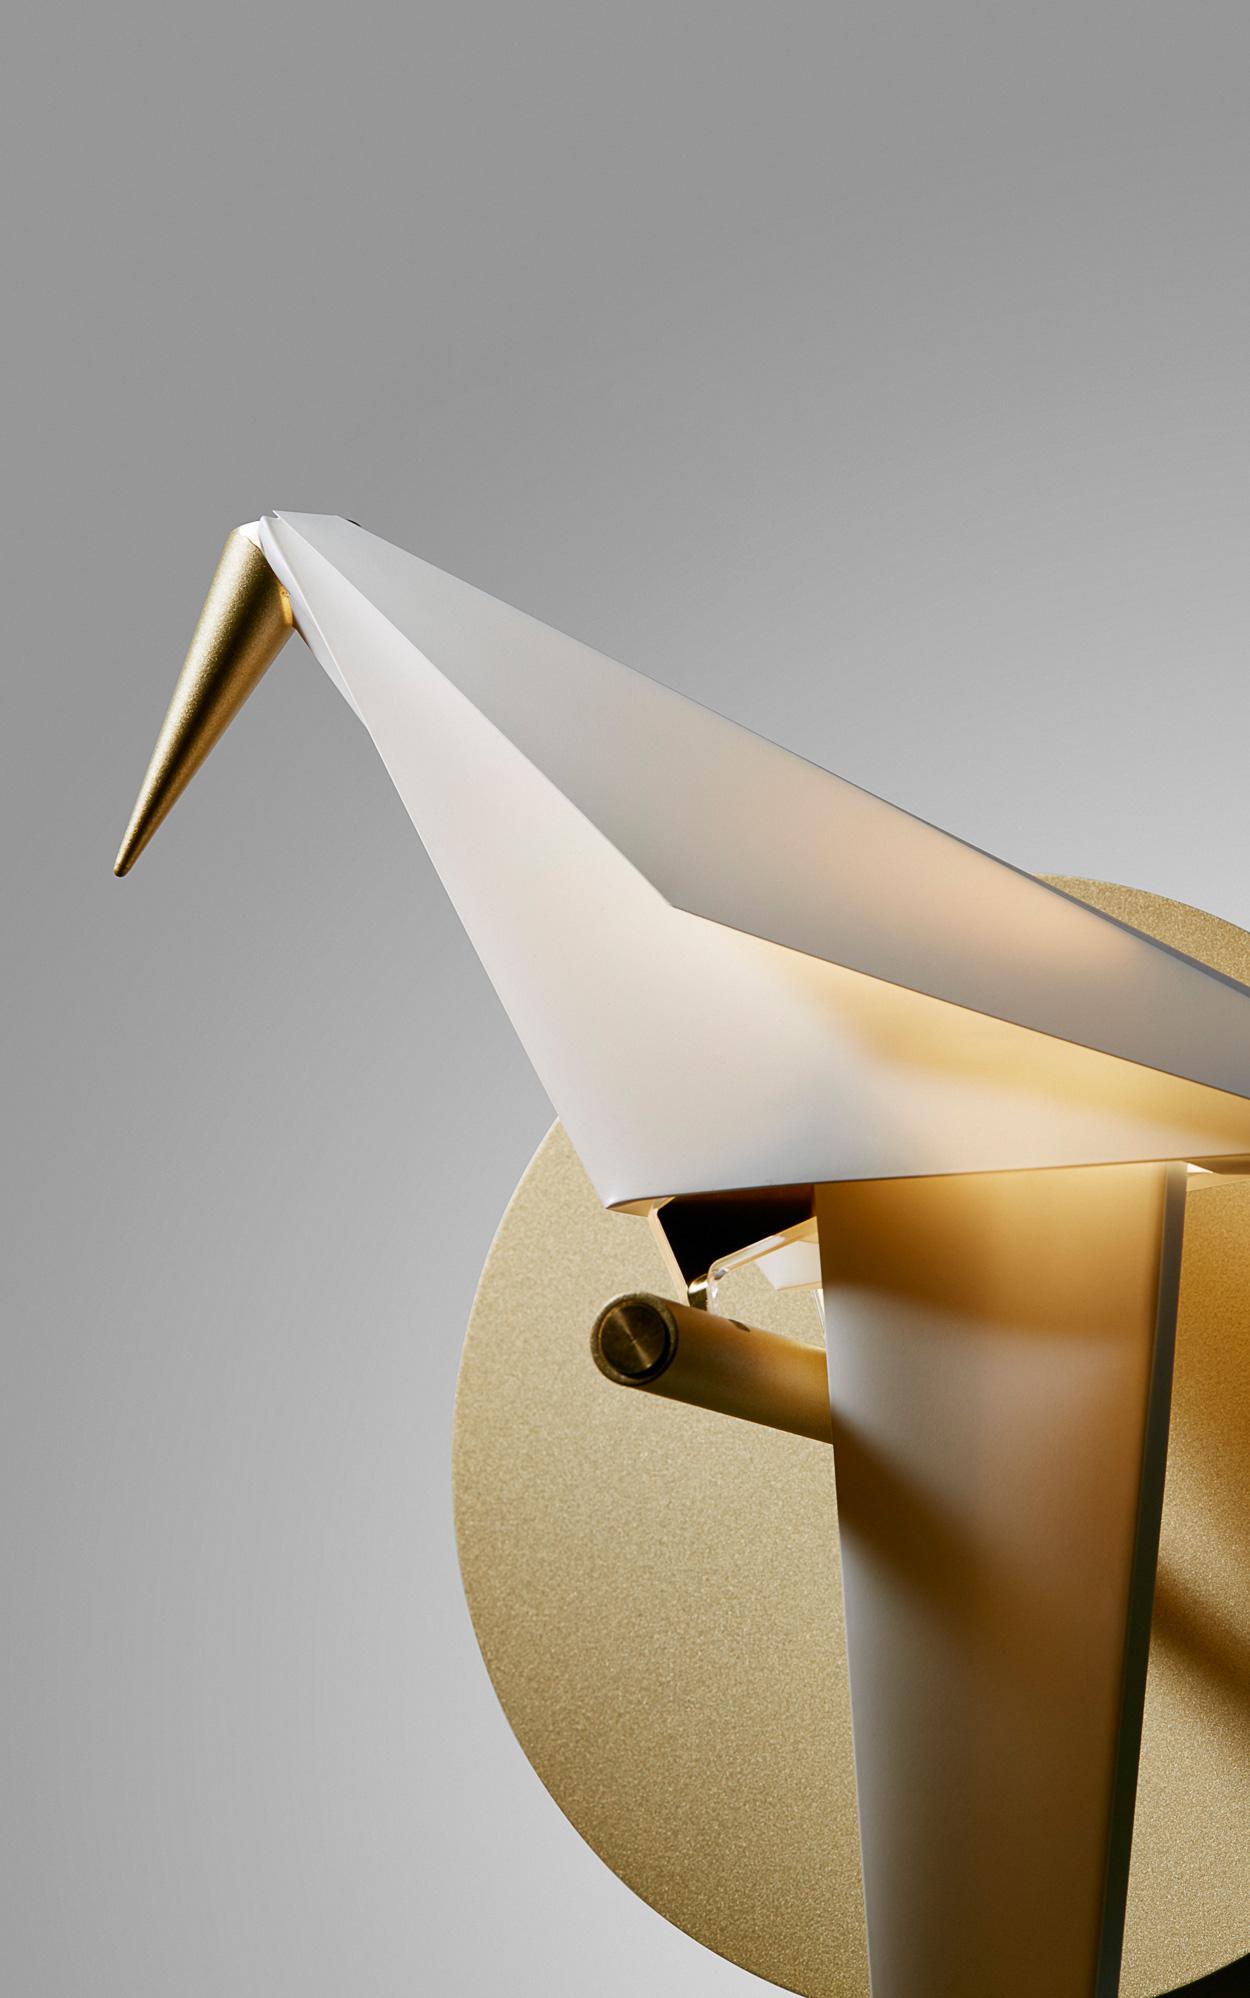 De design Perch lamp, geïnspireerd op een origami vogel, bevat prachtige details.